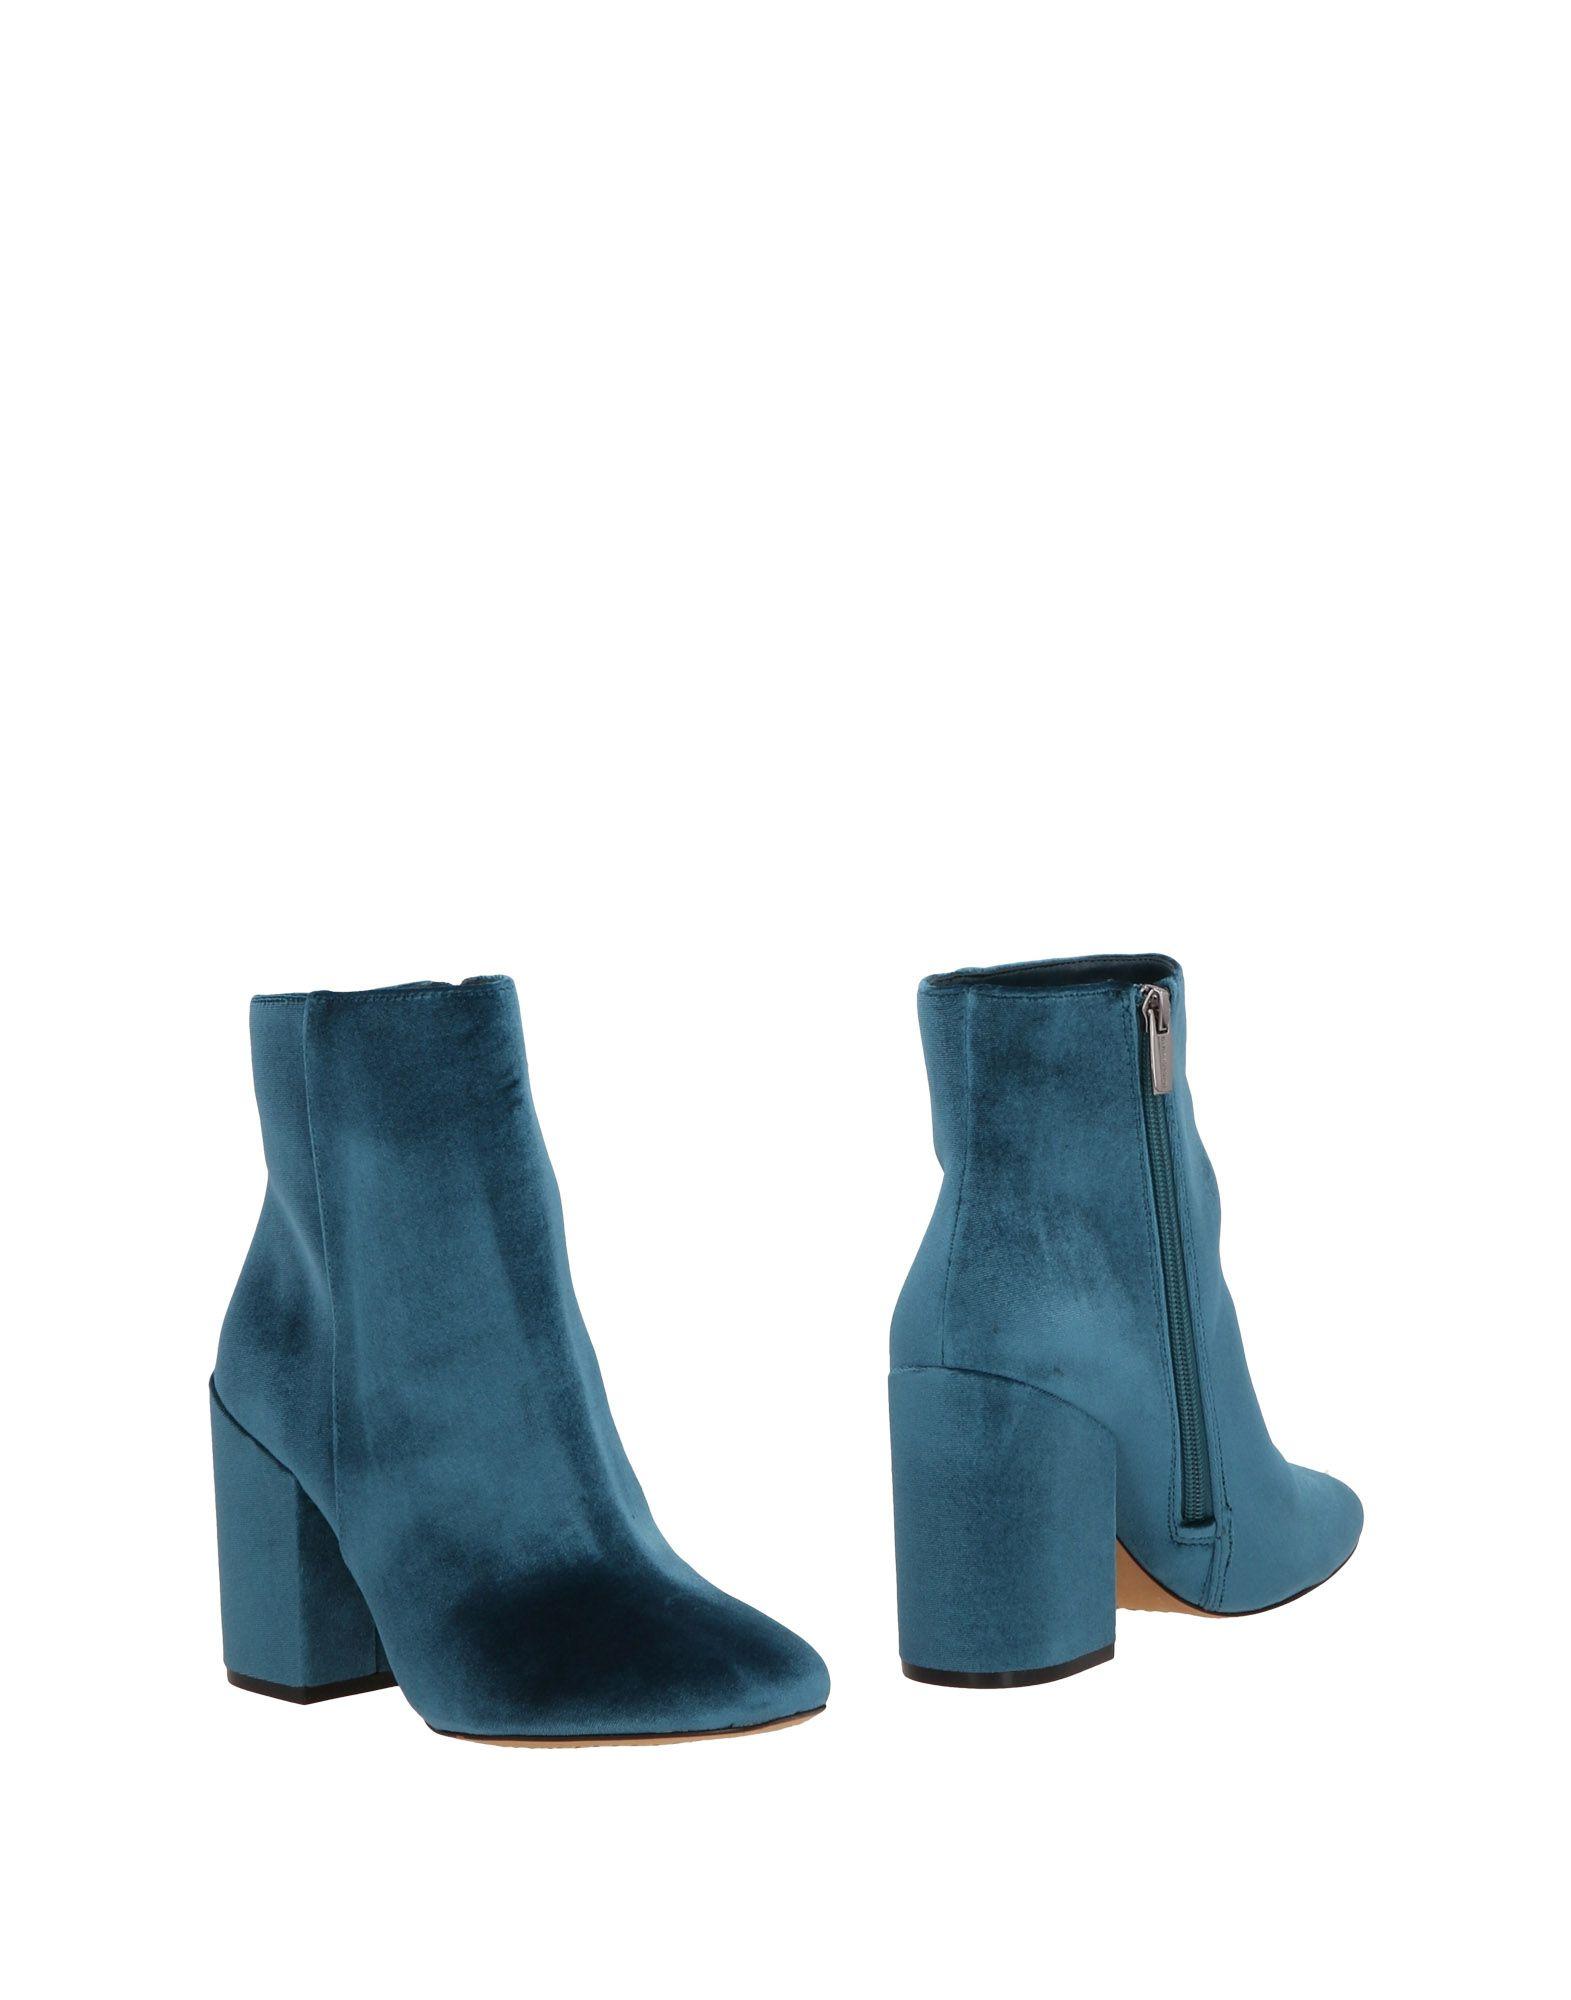 Vince Camuto Stiefelette Damen  11479146IP Gute Qualität beliebte Schuhe